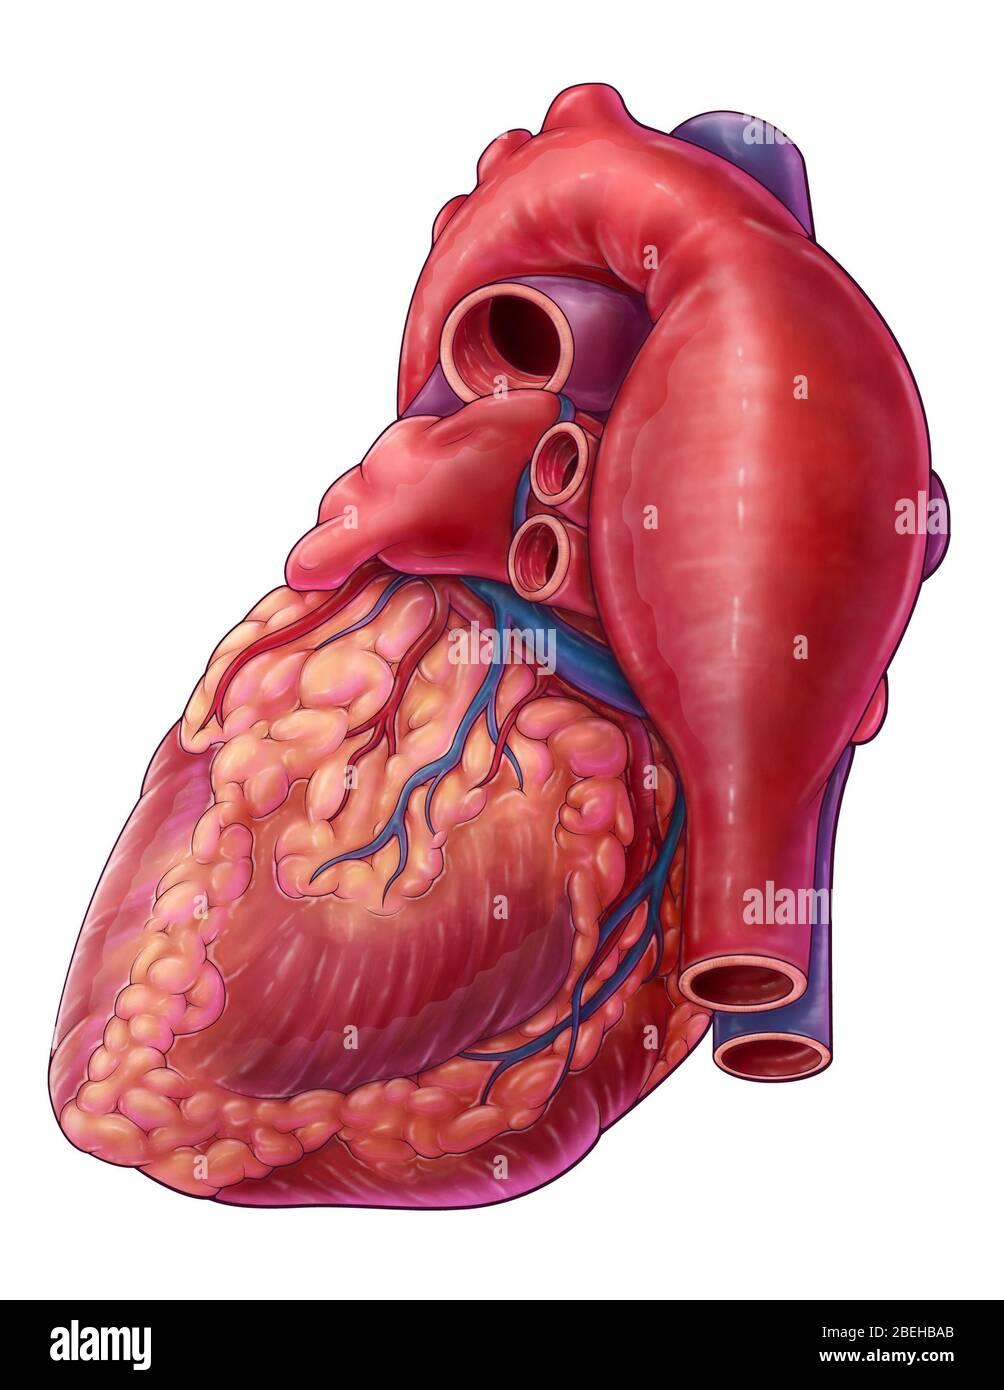 POPUHITS SEMANAL!! - Página 31 Aneurisma-aortico-toracico-ilustracion-2behbab